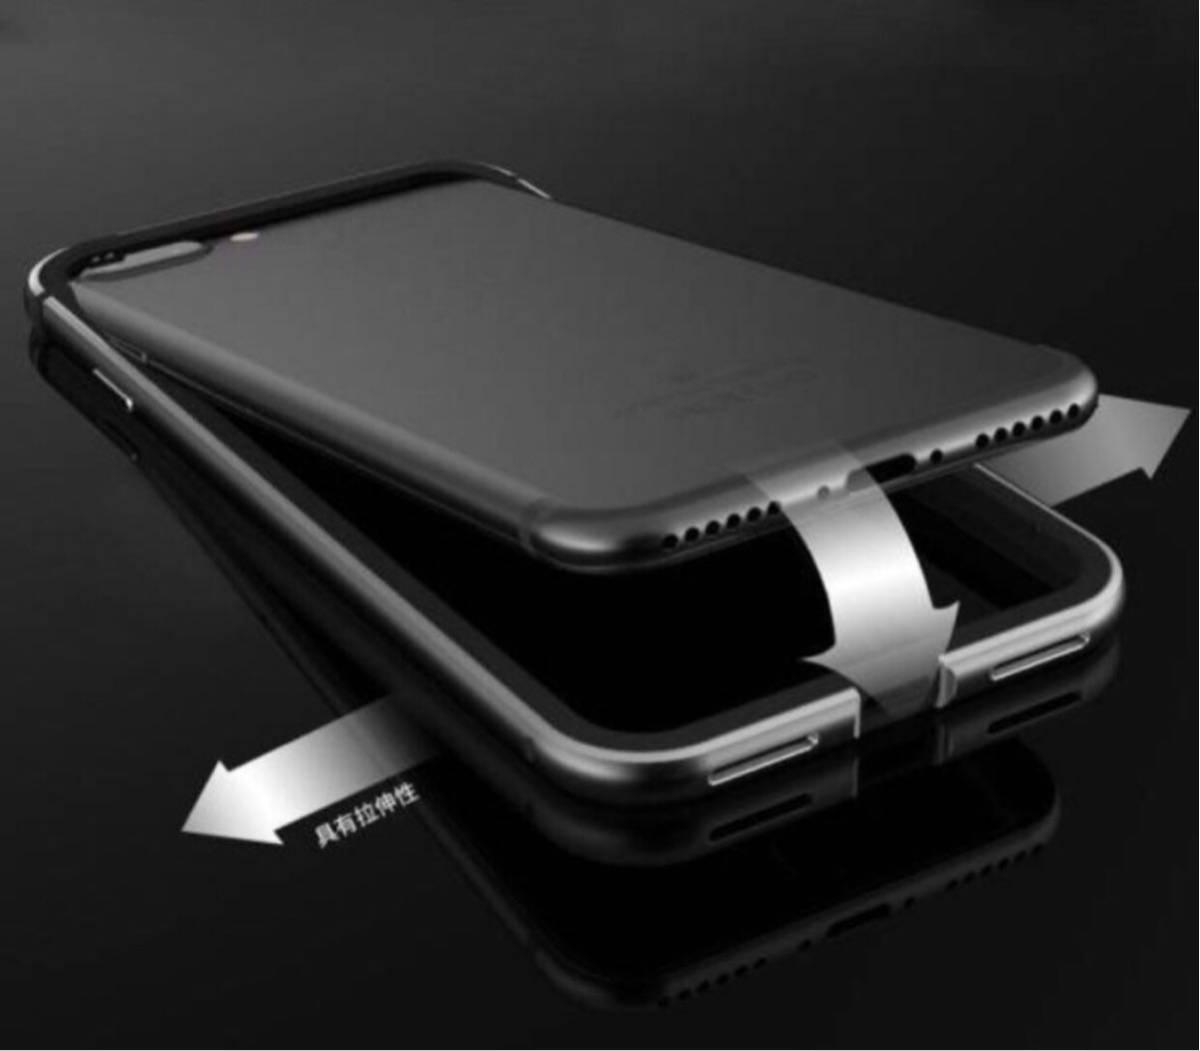 超人気 黒iPhoneX 7/7plus 8/8plus ケース 機種選択 人気1位 オススメ こだわり素材アルミ合金 シリコン 二重保護 超安心ケース_画像2